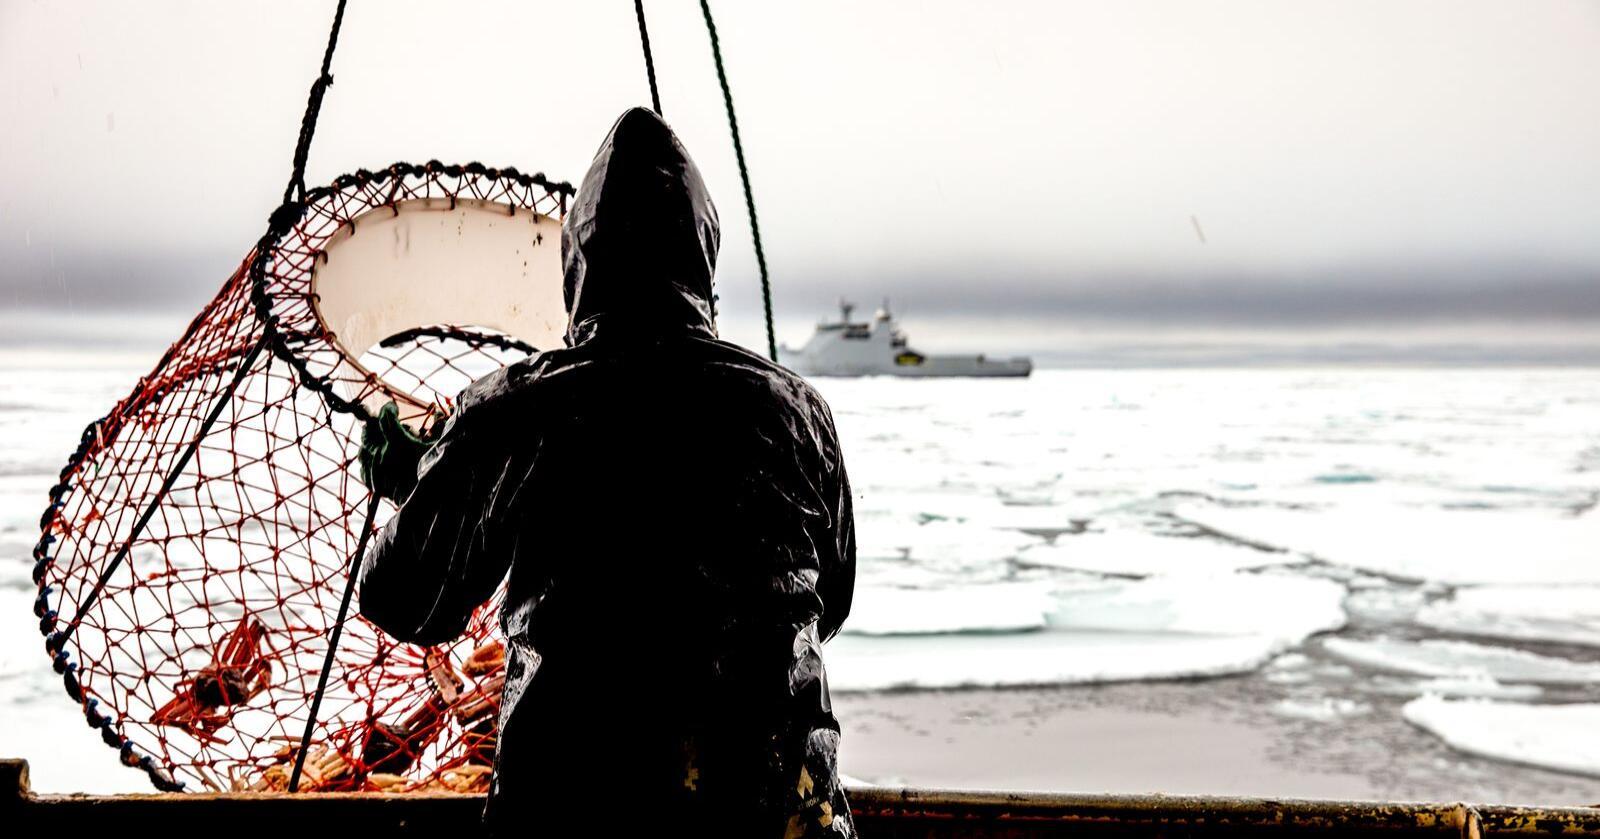 EUs krav til snøkrabbe-kvoter i vernesonen rundt Svalbard oppstod fra et latvisk fiskeriselskap - eid av russiske økonomiske interesser. Om kravet fører frem mener sikkerhetspolitiske eksperter at norsk suverenitetskrav ved Svalbard kan svekkes. Foto: Jonas Selim/Forsvaret